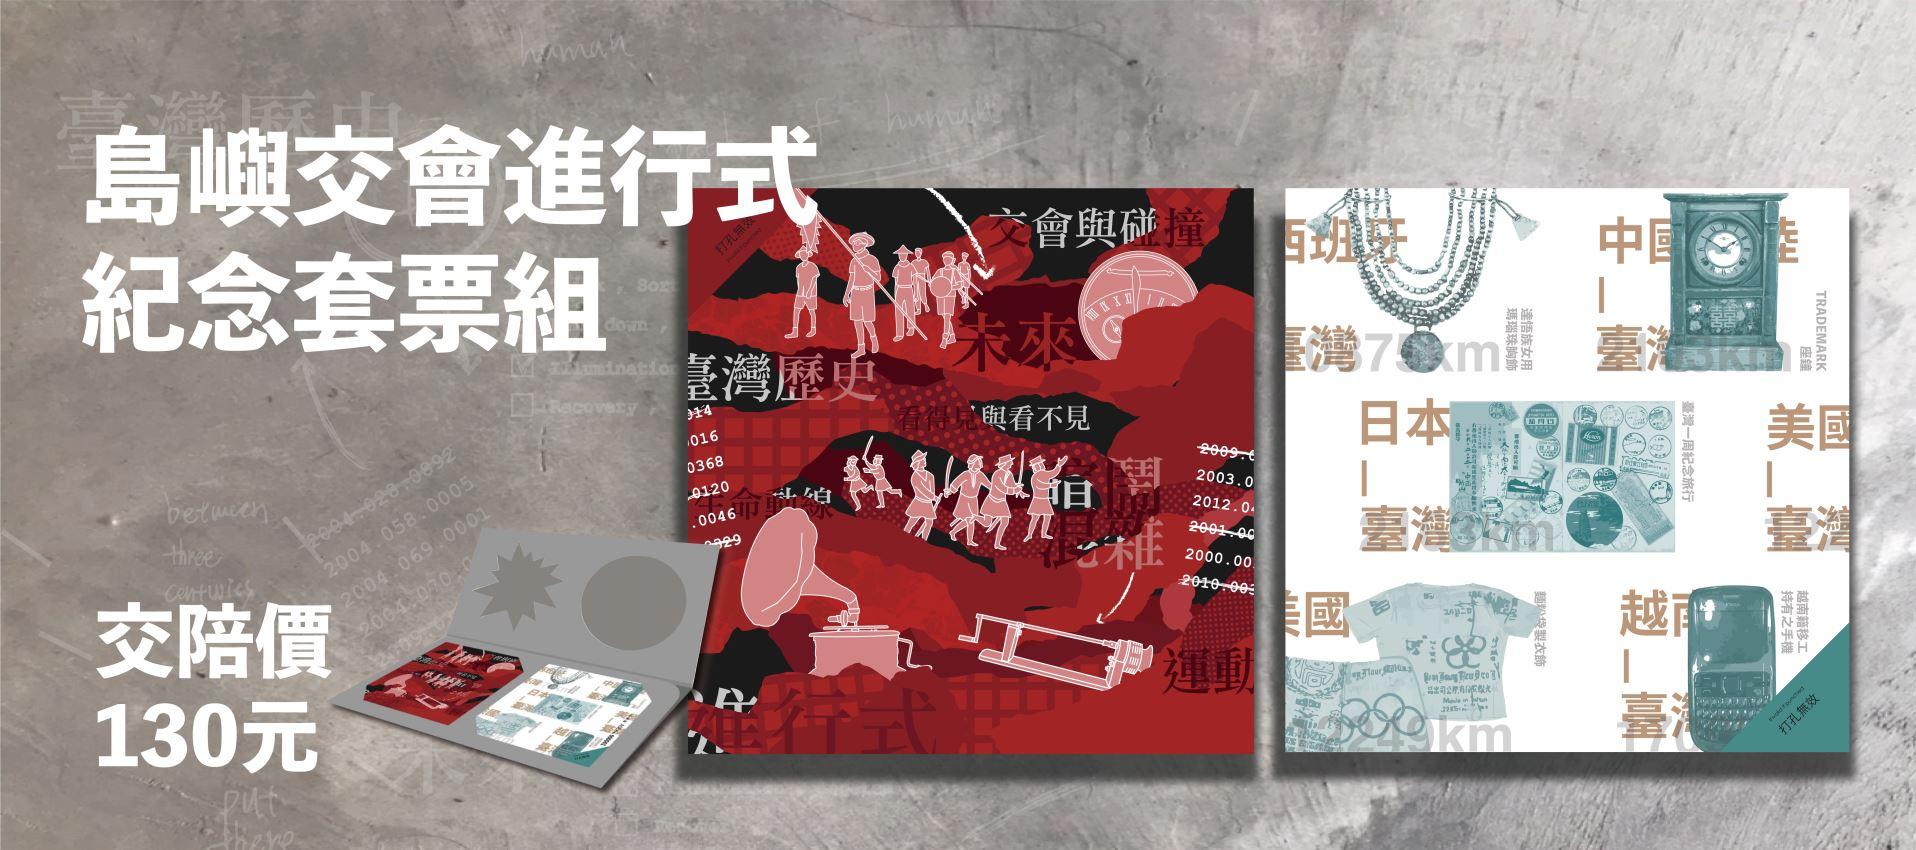 「島嶼交會進行式」臺史博紀念套票組開賣了!